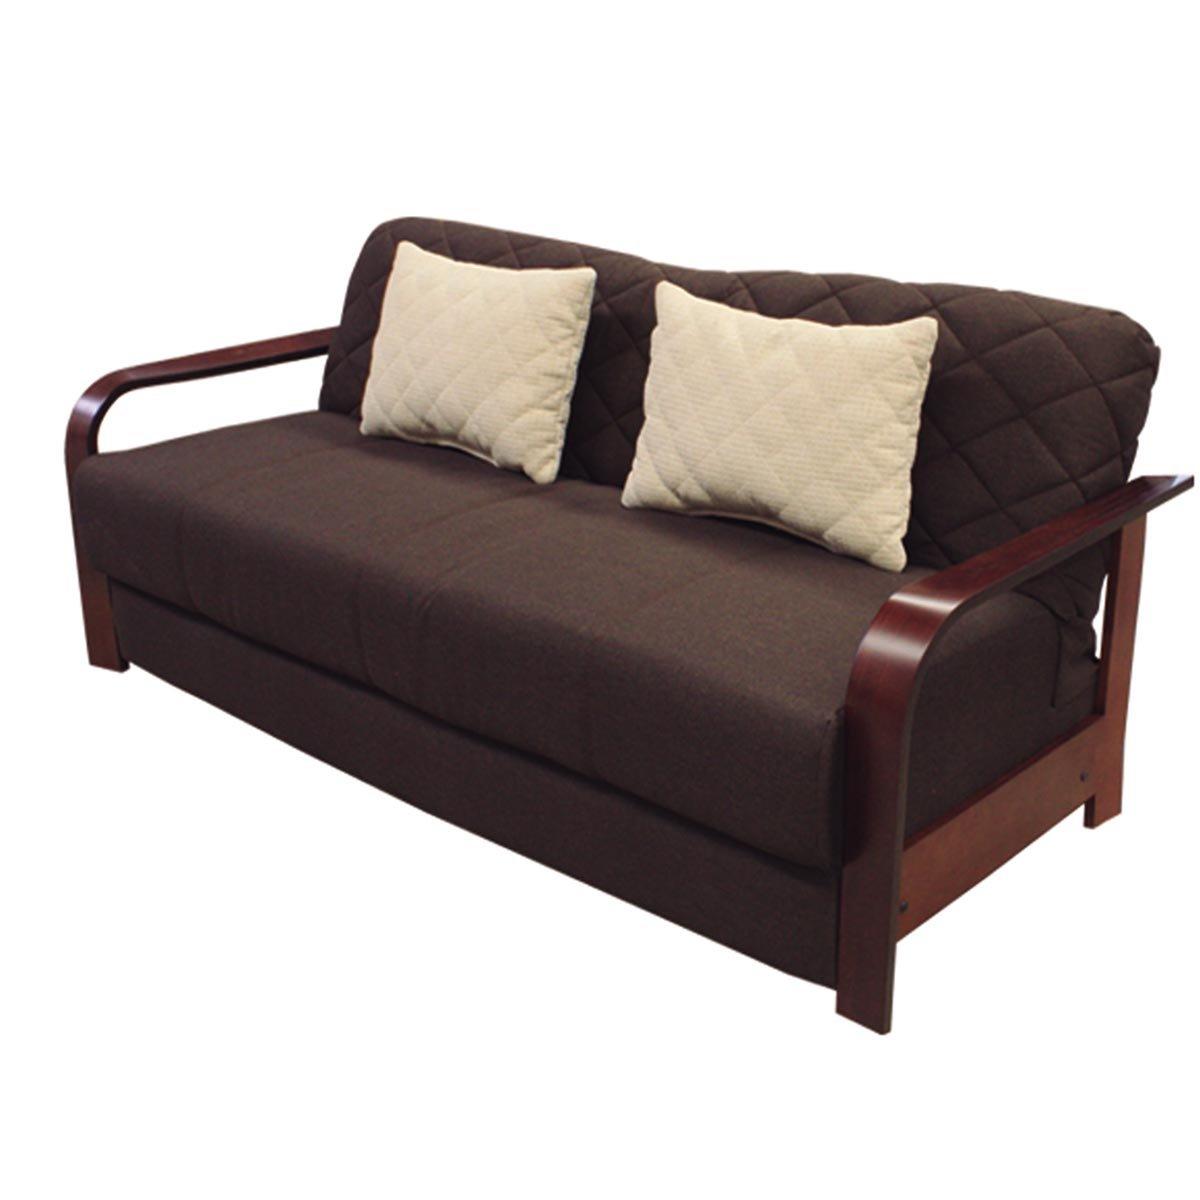 Sof cama impala sears com mx me entiende for Precio de sofa cama